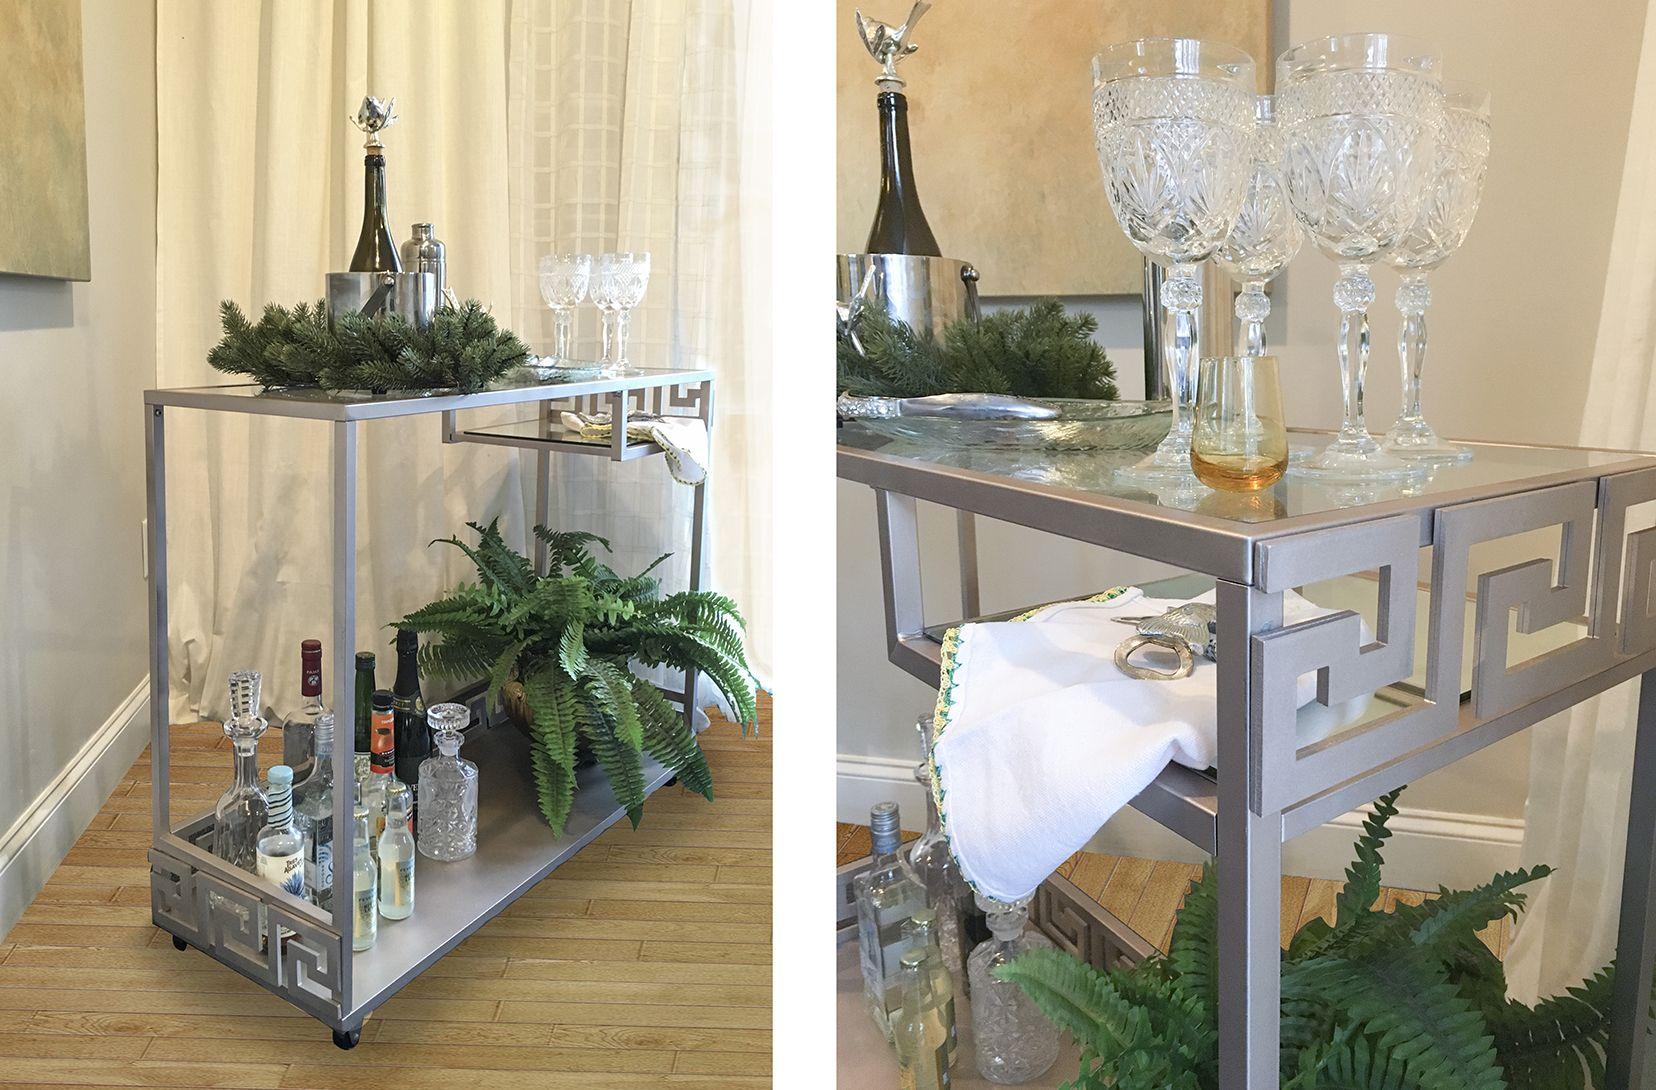 Diy bar cart customize ikea vittsjo desk ikea hacks